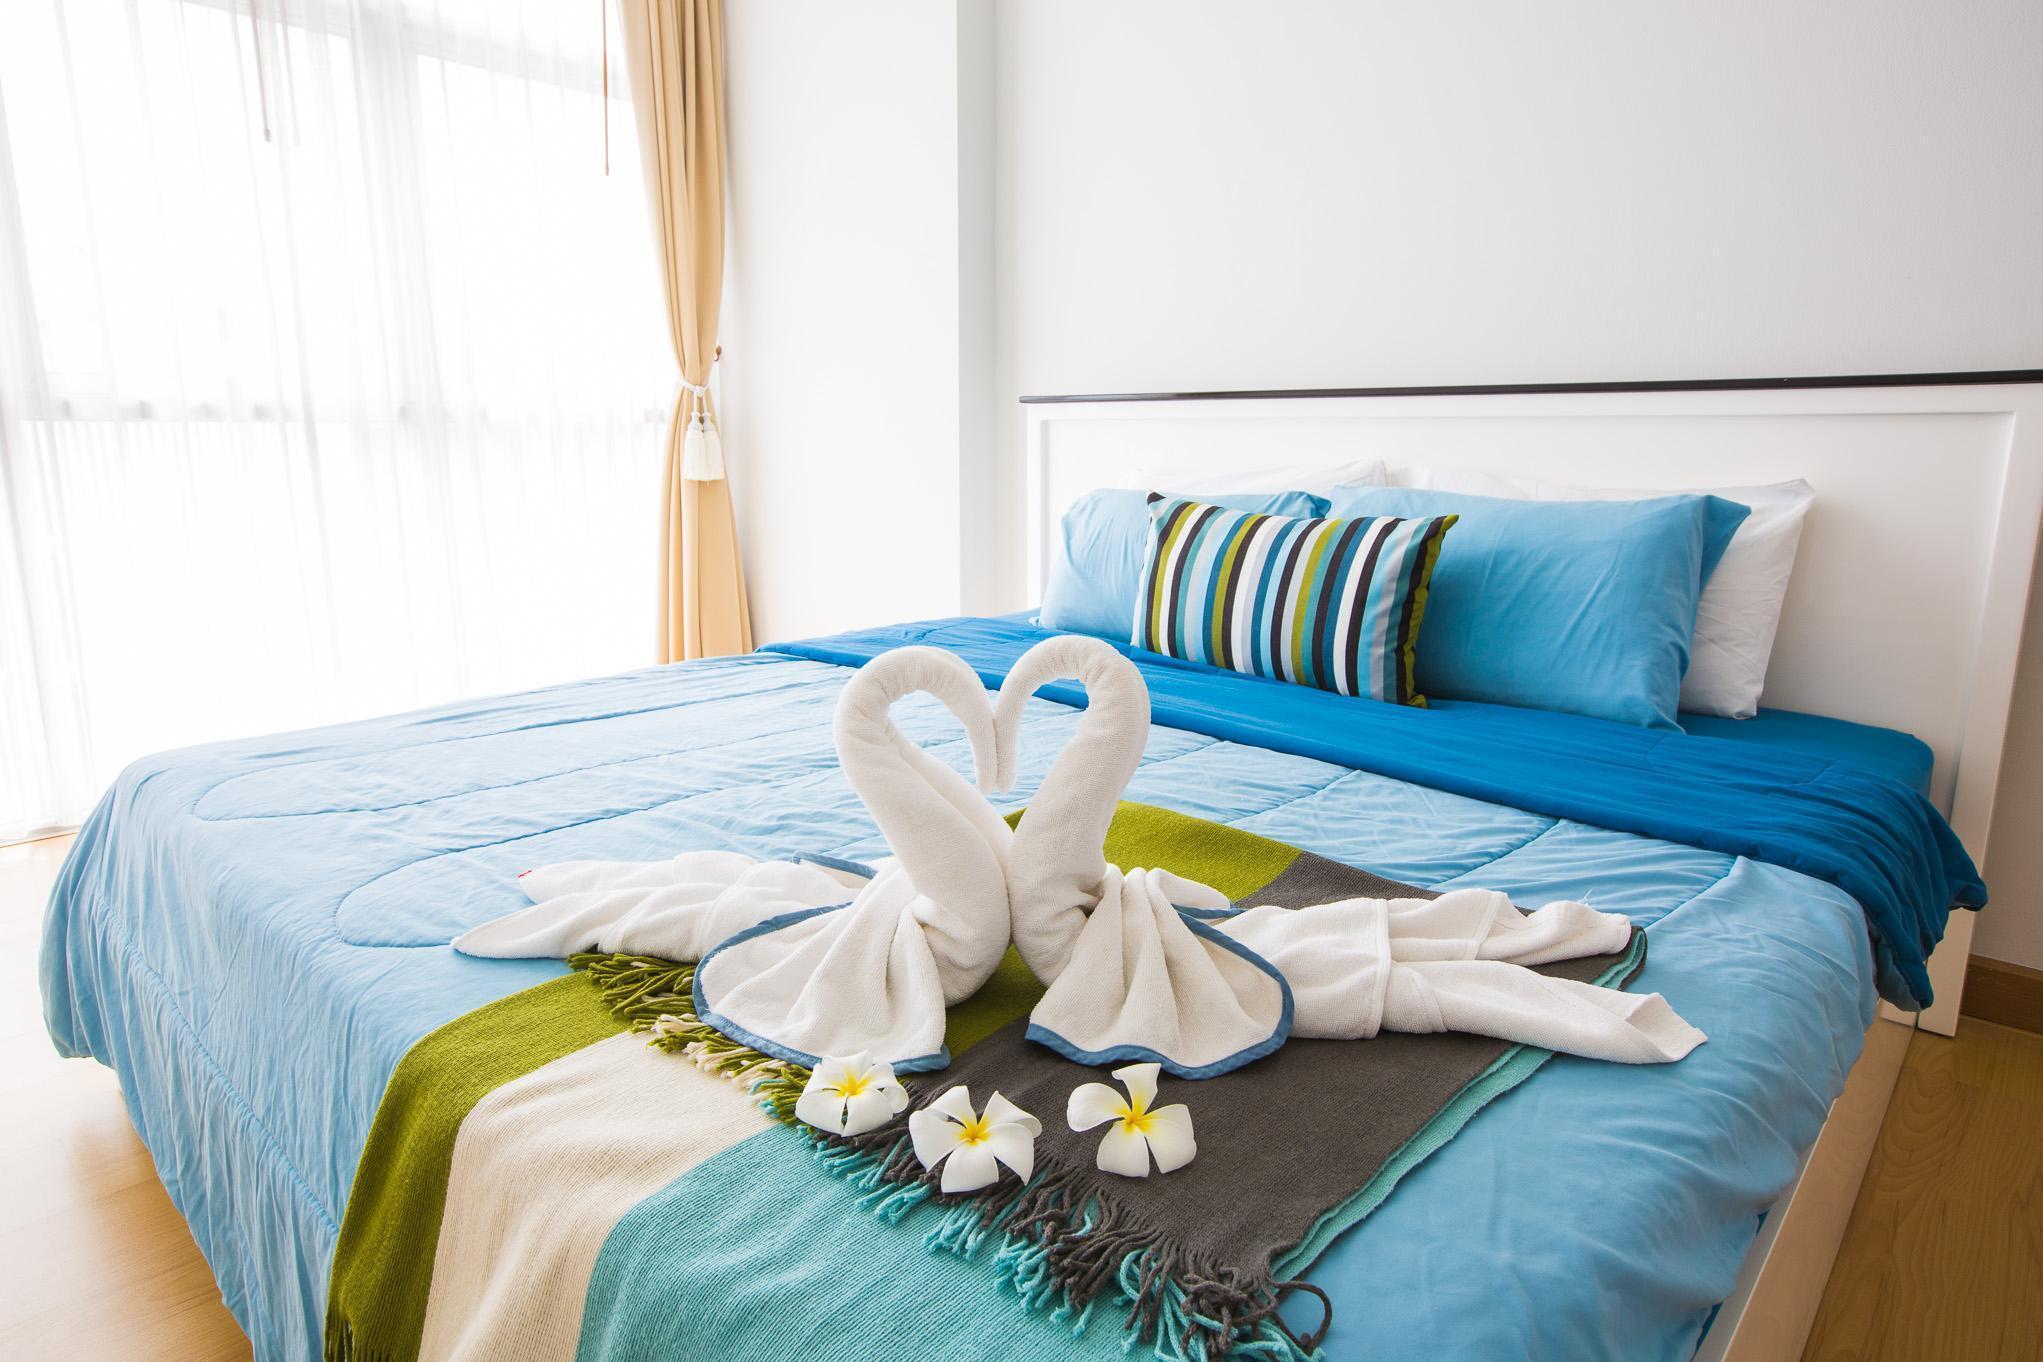 At Seacondo-1 Bedroom-A25 (By Phoenix) At Seacondo-1 Bedroom-A25 (By Phoenix)